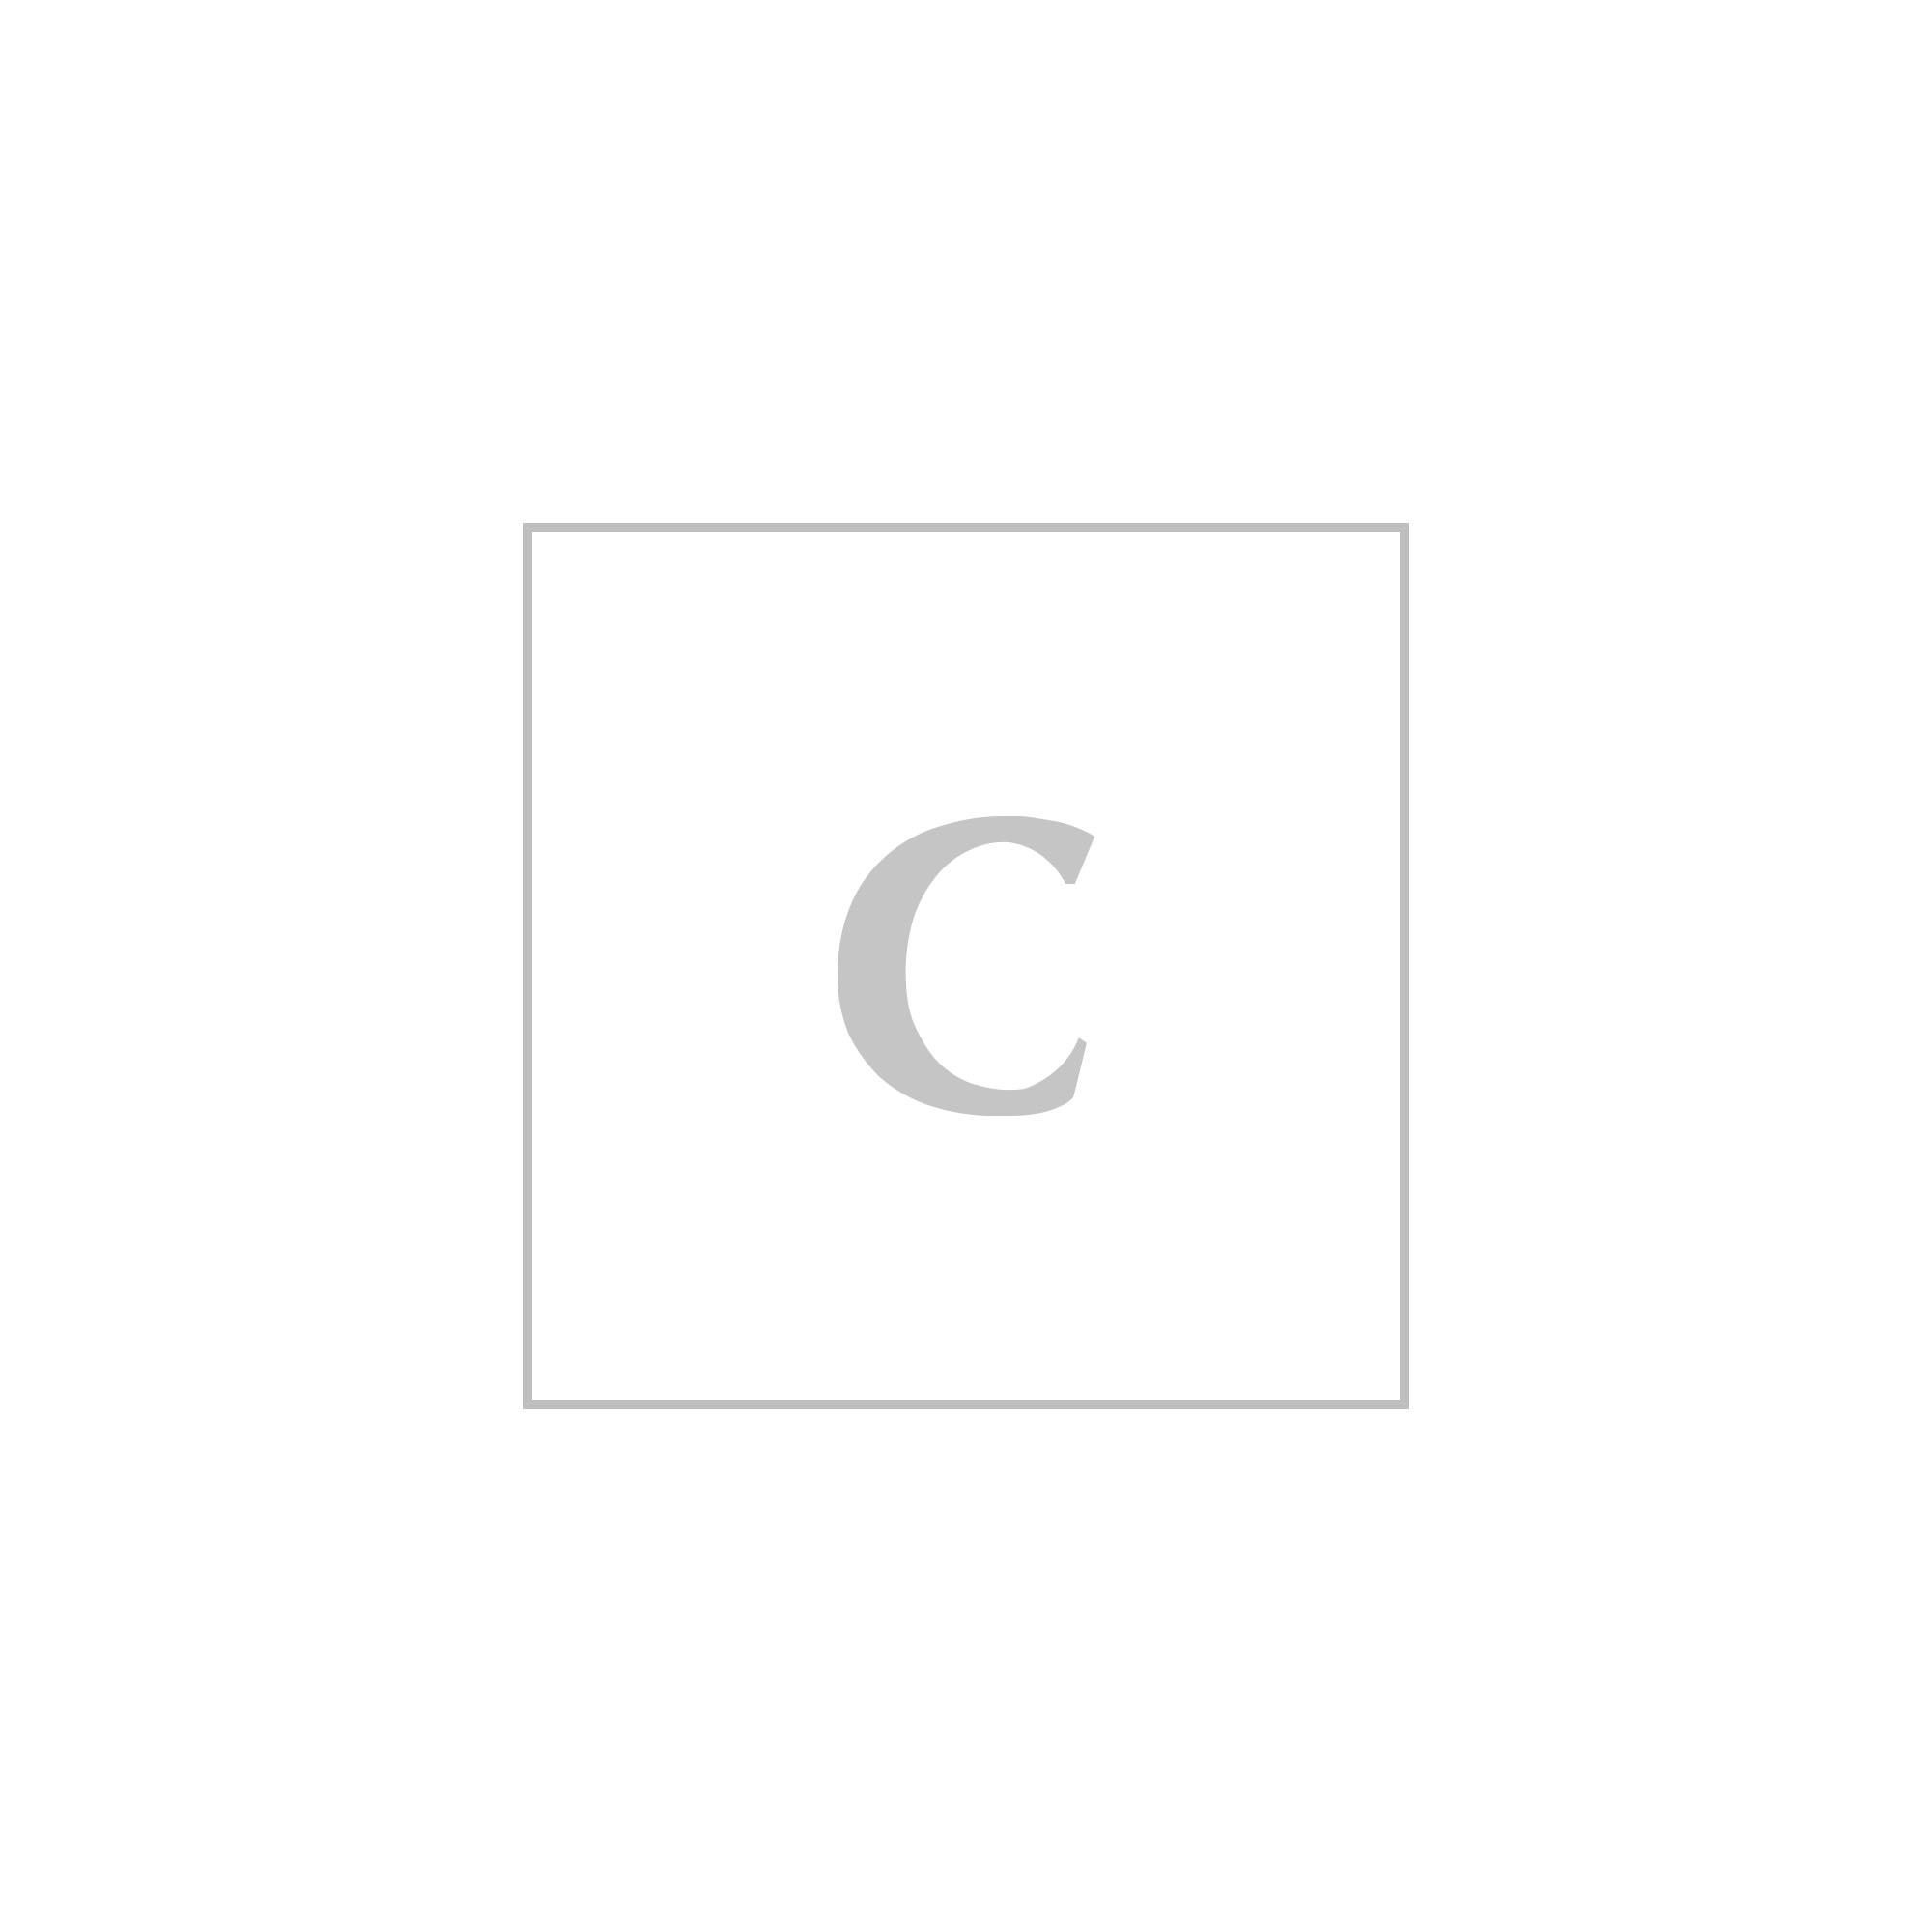 Saint laurent ysl monogram cosmetic case